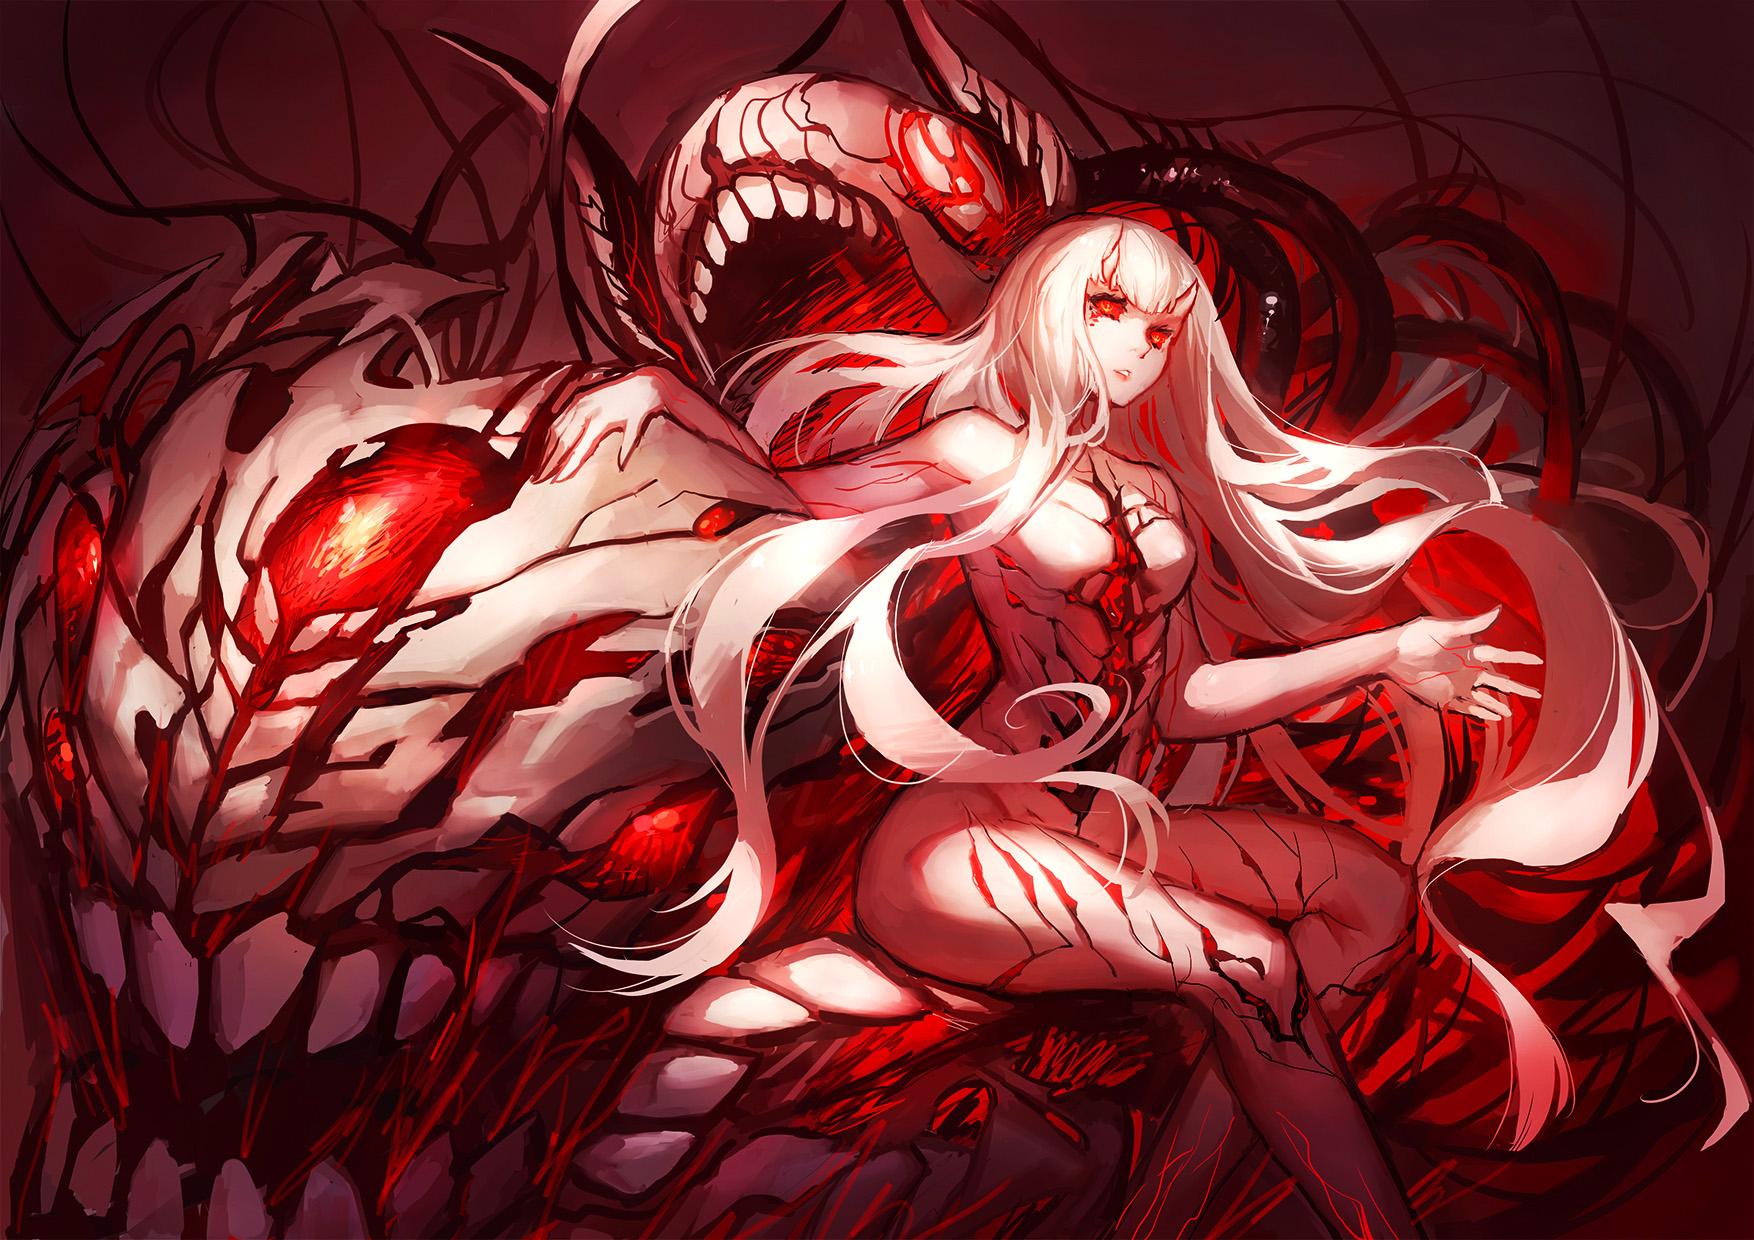 ác quỷ Anime quái vật Đỏ